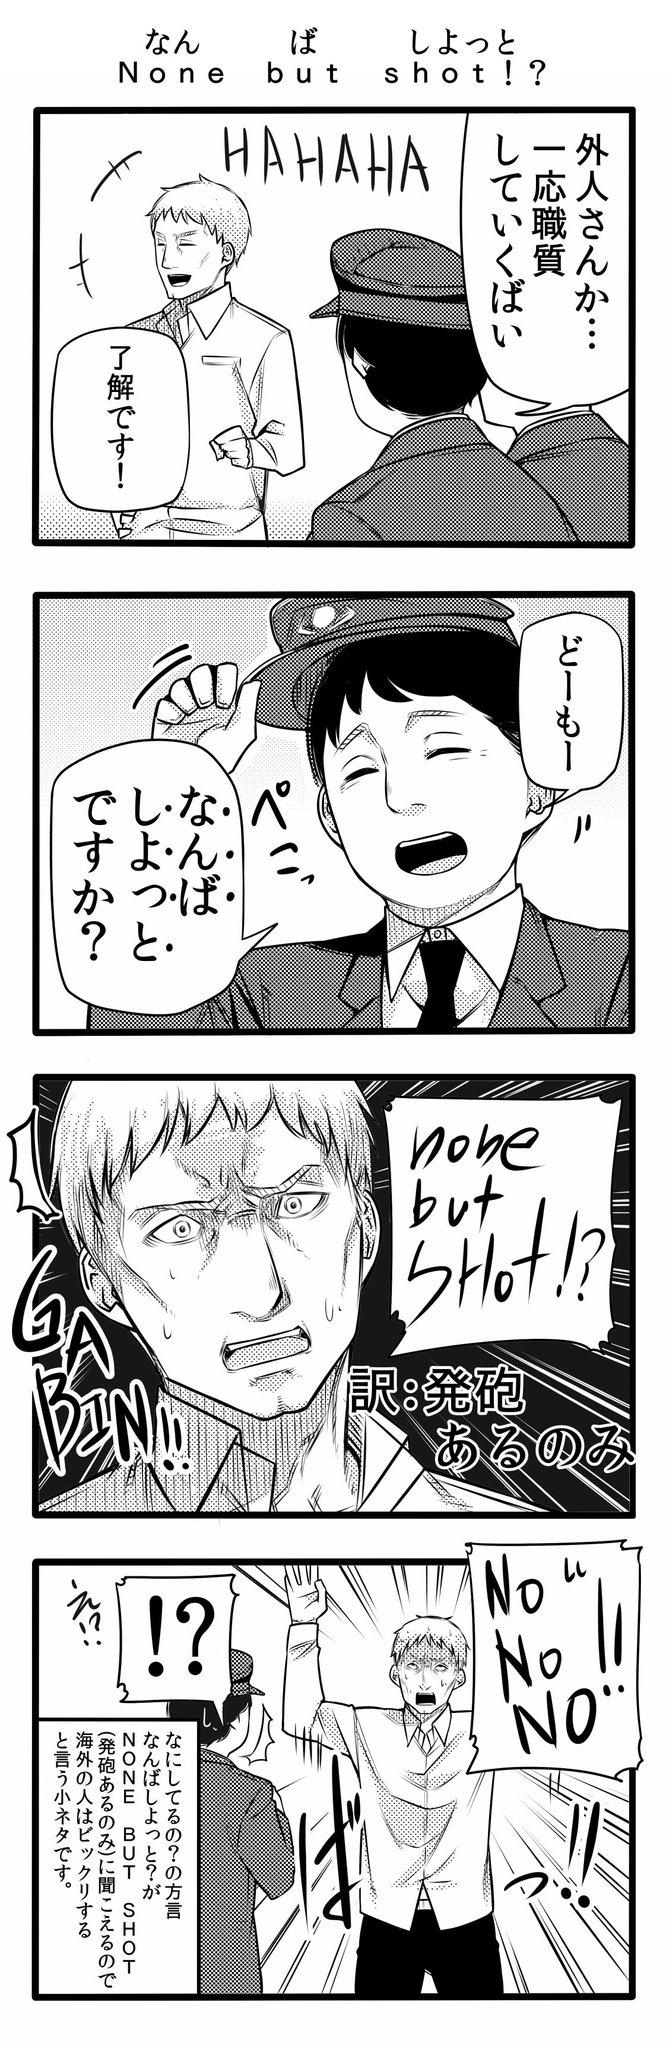 ツイッターで見つけた 福岡の警察が職質する時に使う「なんばしよっと?(博多弁でなにしてるんですか?)」が外国人には「None but shot(発砲あるのみ)」に聞こえてめっちゃビビるっていうネタを四コマにしてみました